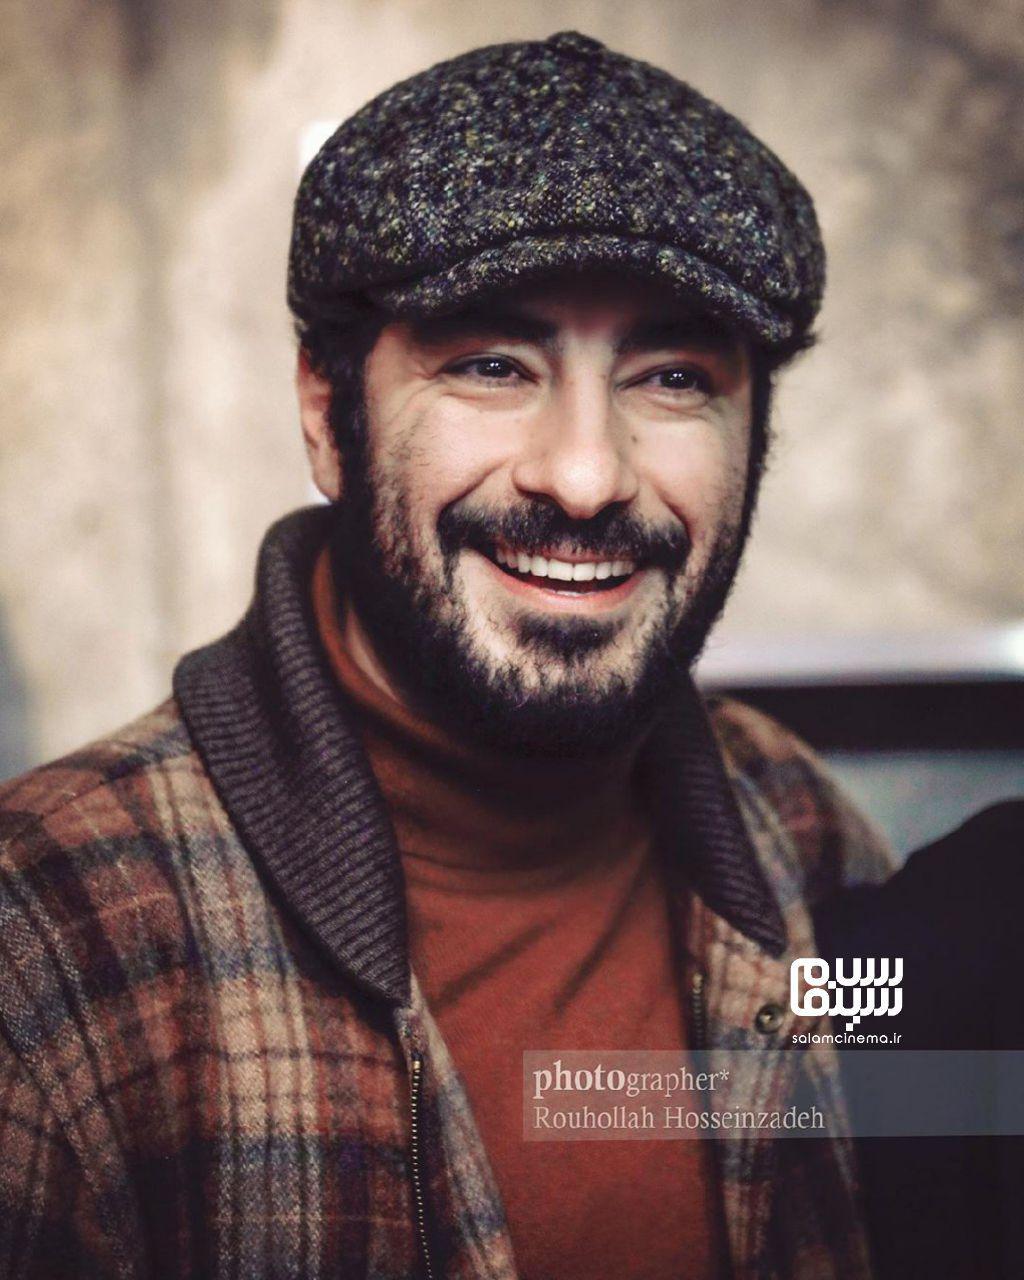 نوید محمدزاده خطاب به اکبر زنجانپور: از شما یاد گرفتم که باید عاشق بازیگری باشی.